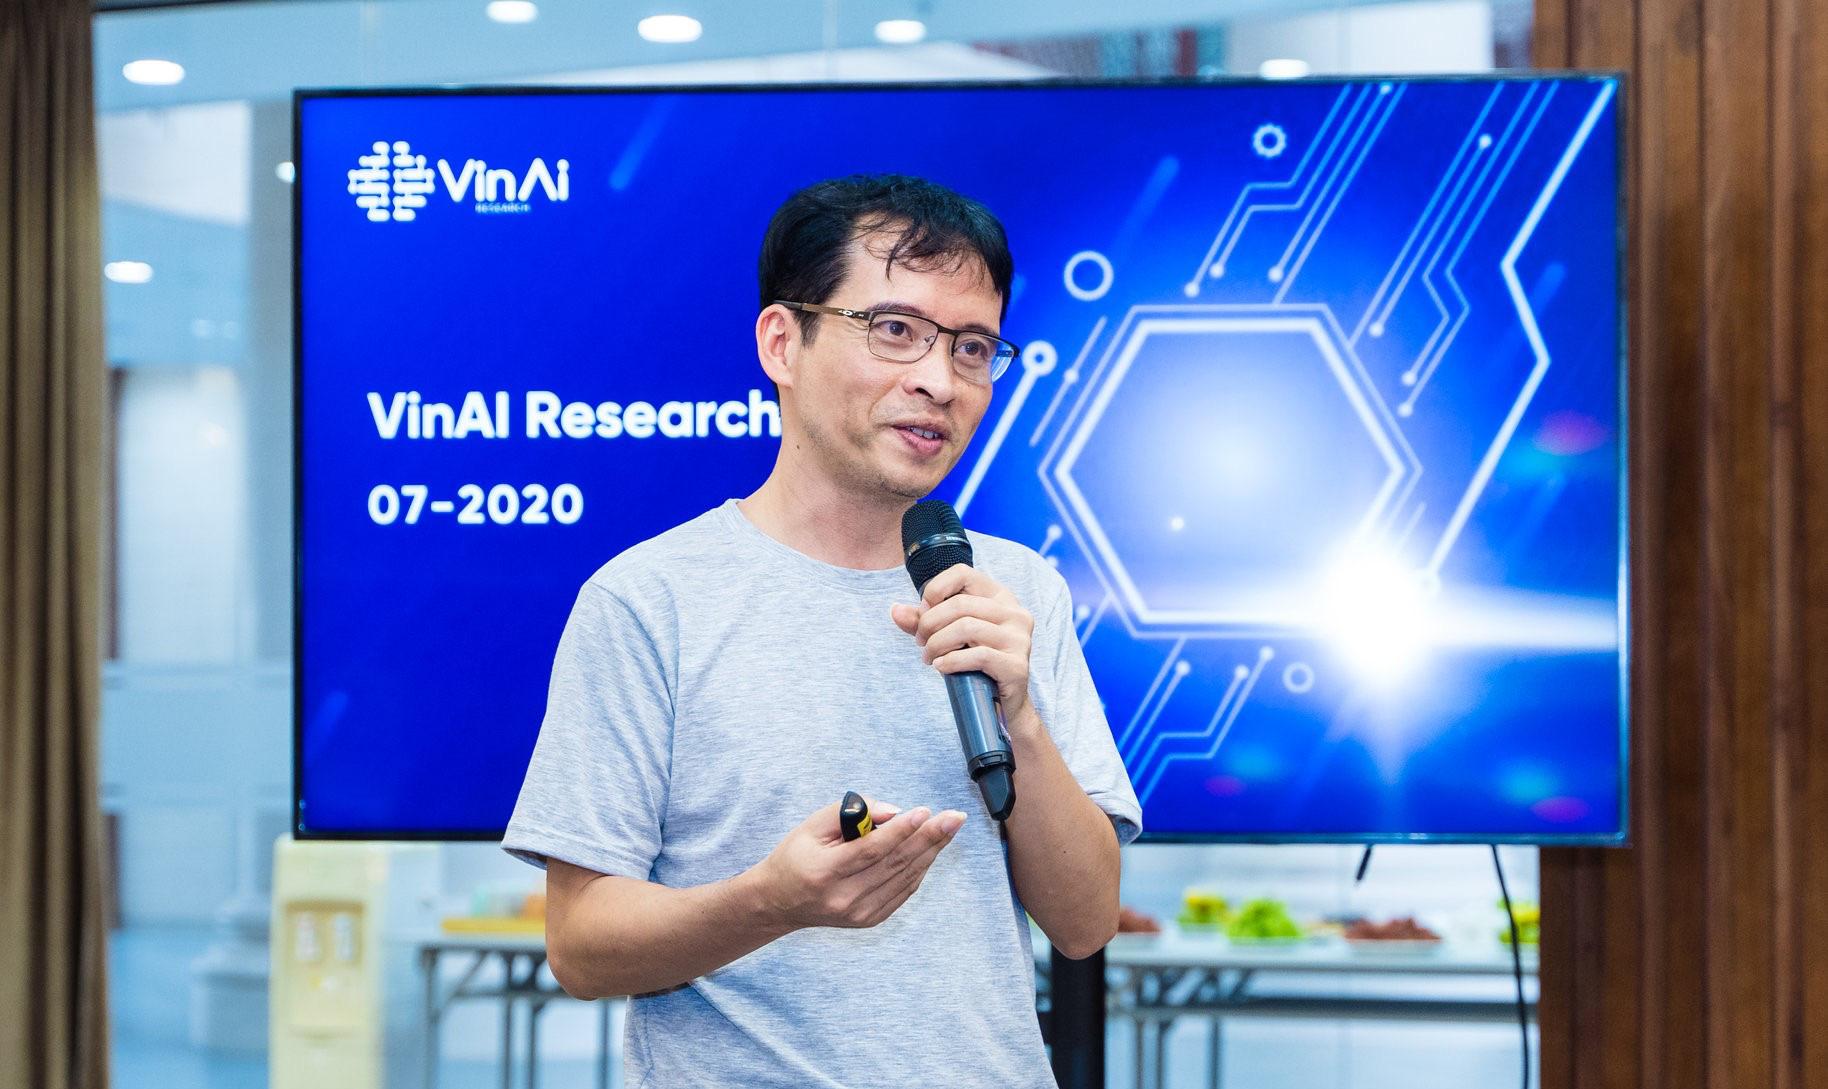 VinAI tiên phong nâng cấp đổi mới sáng tạo tại khu vực Đông Nam Á với siêu máy tính mạnh nhất Việt Nam - Ảnh 2.